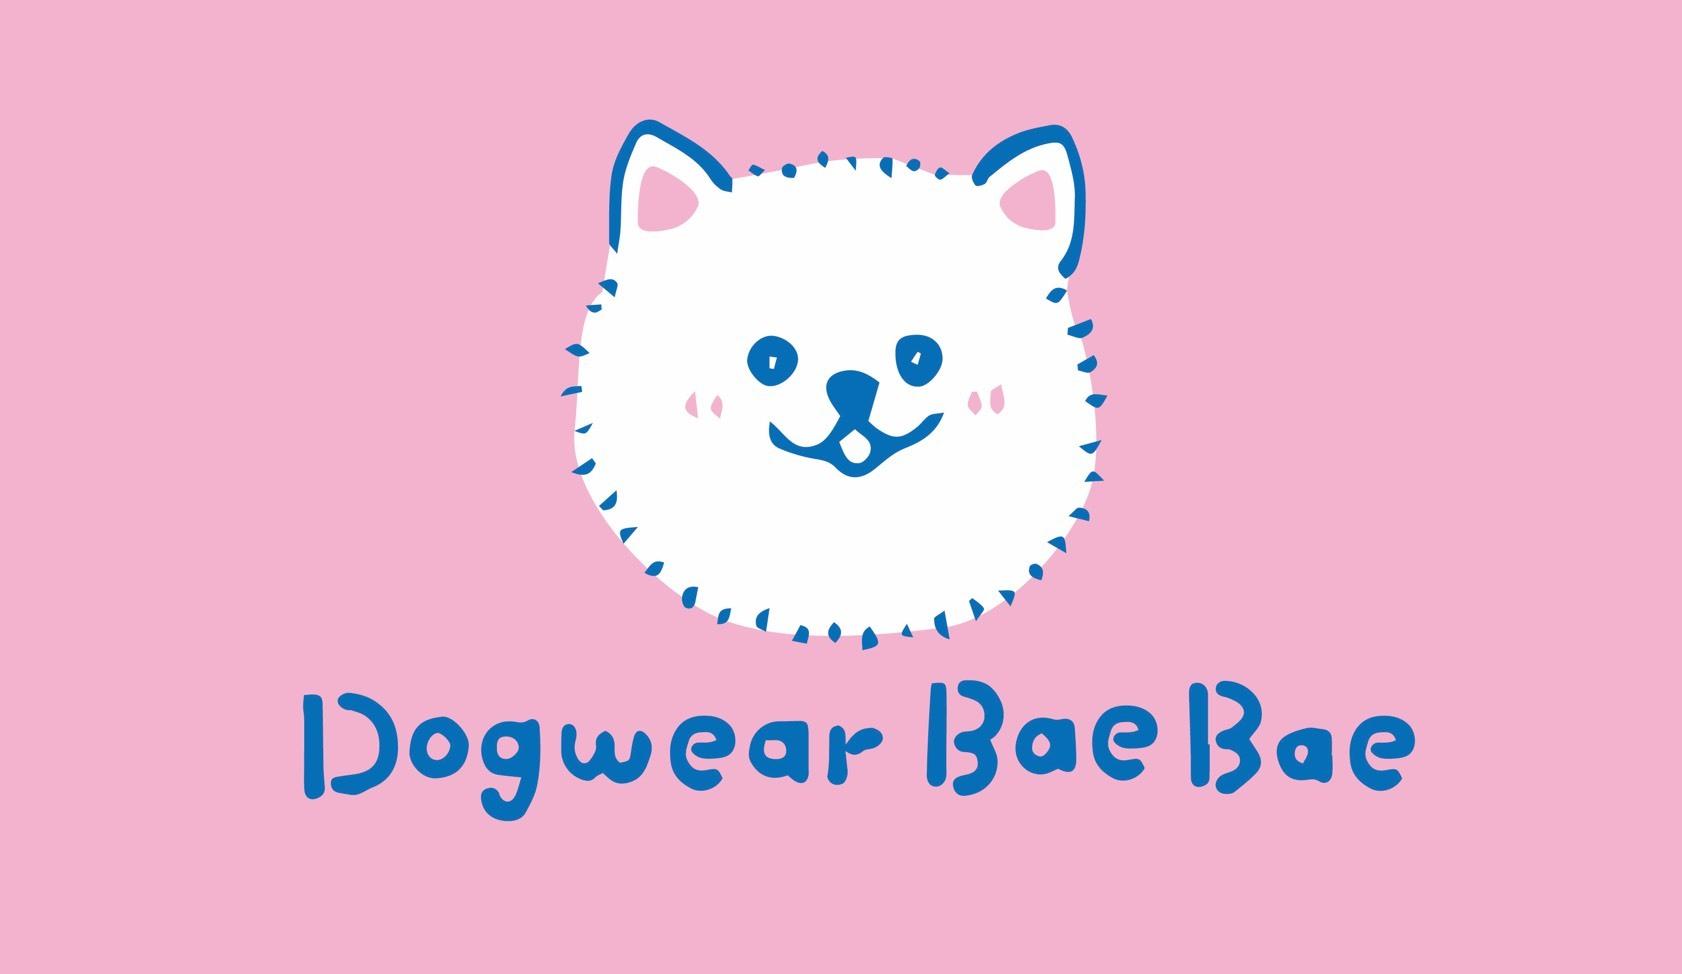 Dogwear BaeBae